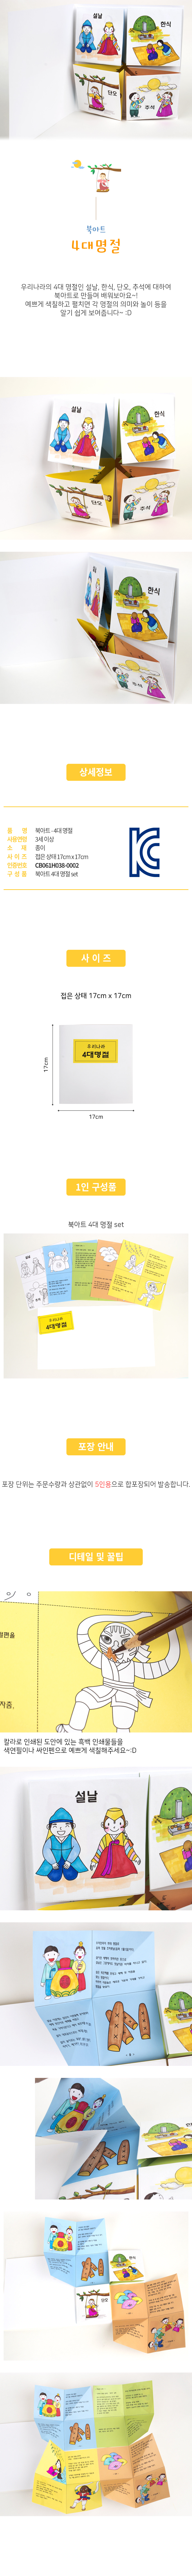 북아트 우리나라 4대명절 5인용 - 미술샘, 7,500원, 종이공예/북아트, 북아트 패키지